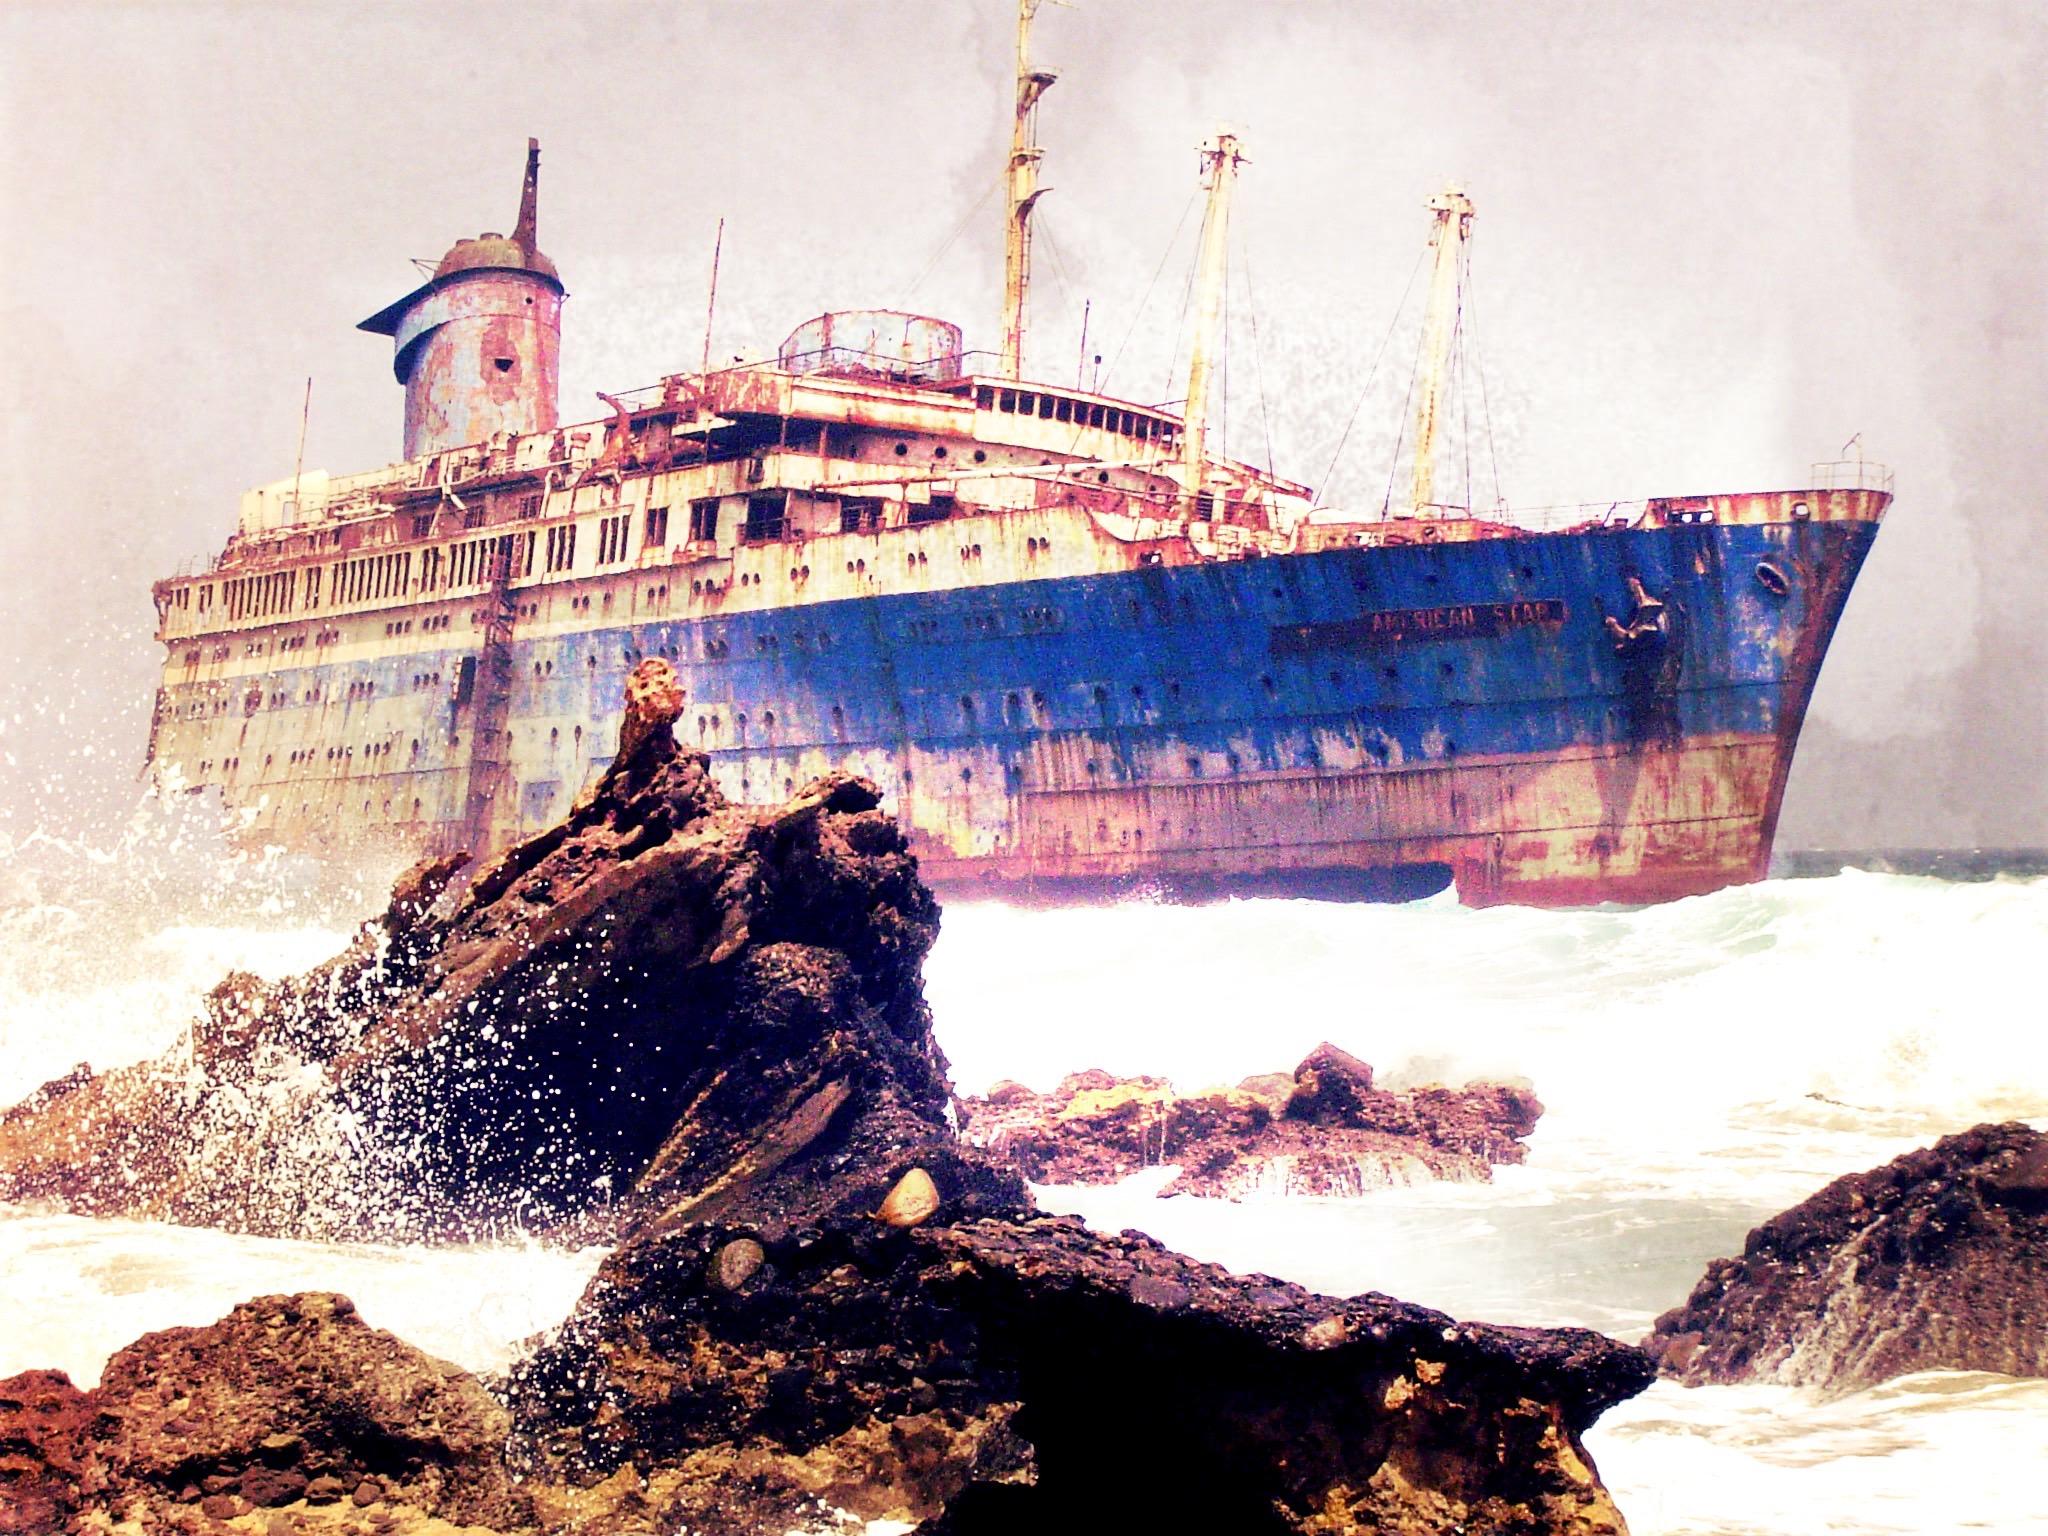 Restos del naufragio del American Star (SS America) vistos desde tierra.